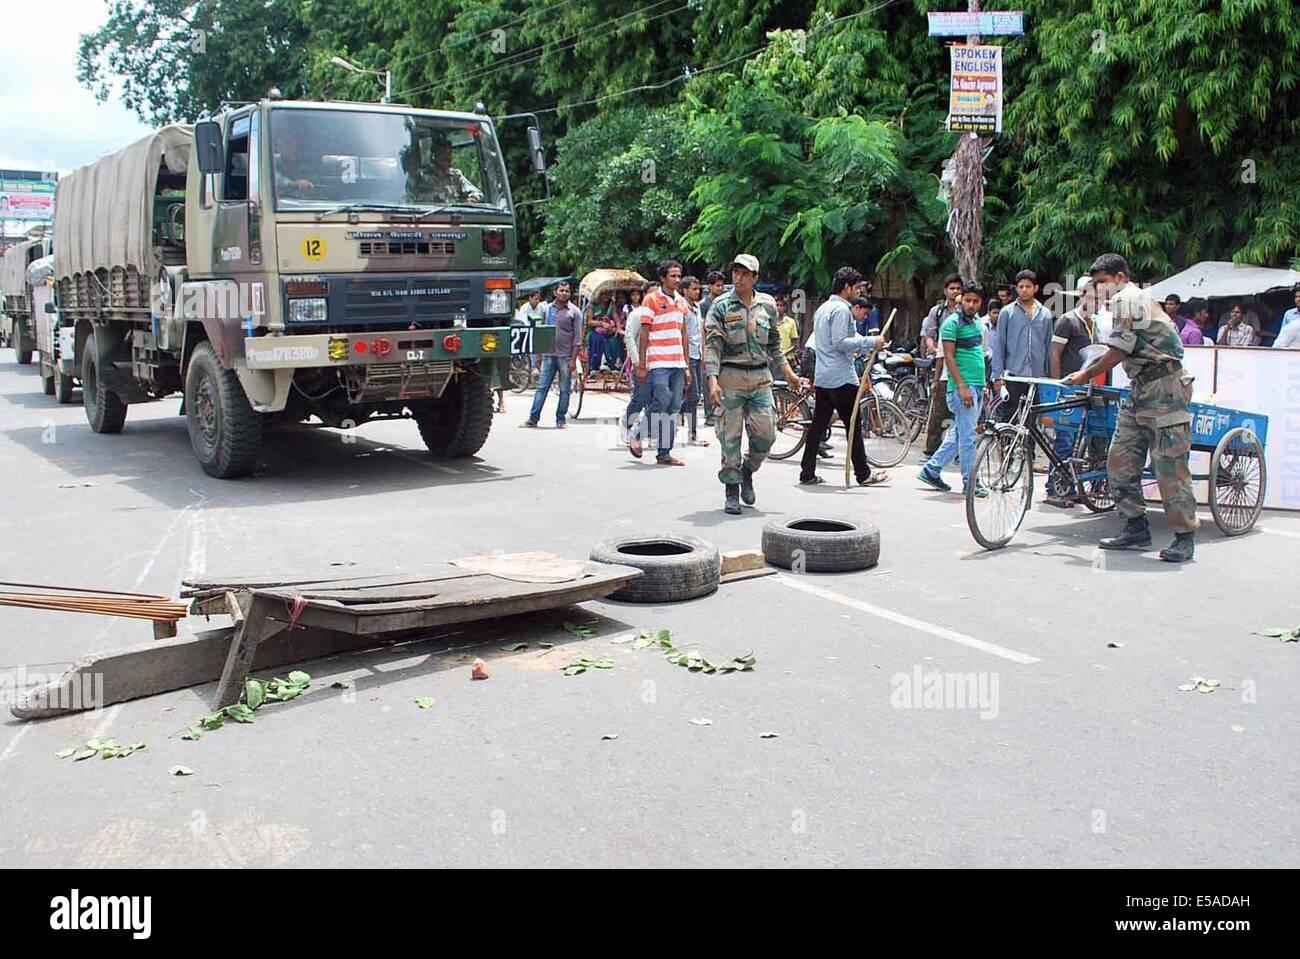 Allahabad, Inde. Le 25 juillet, 2014. Les étudiants en colère tenir chakka Jam au cours d'une manifestation Photo Stock